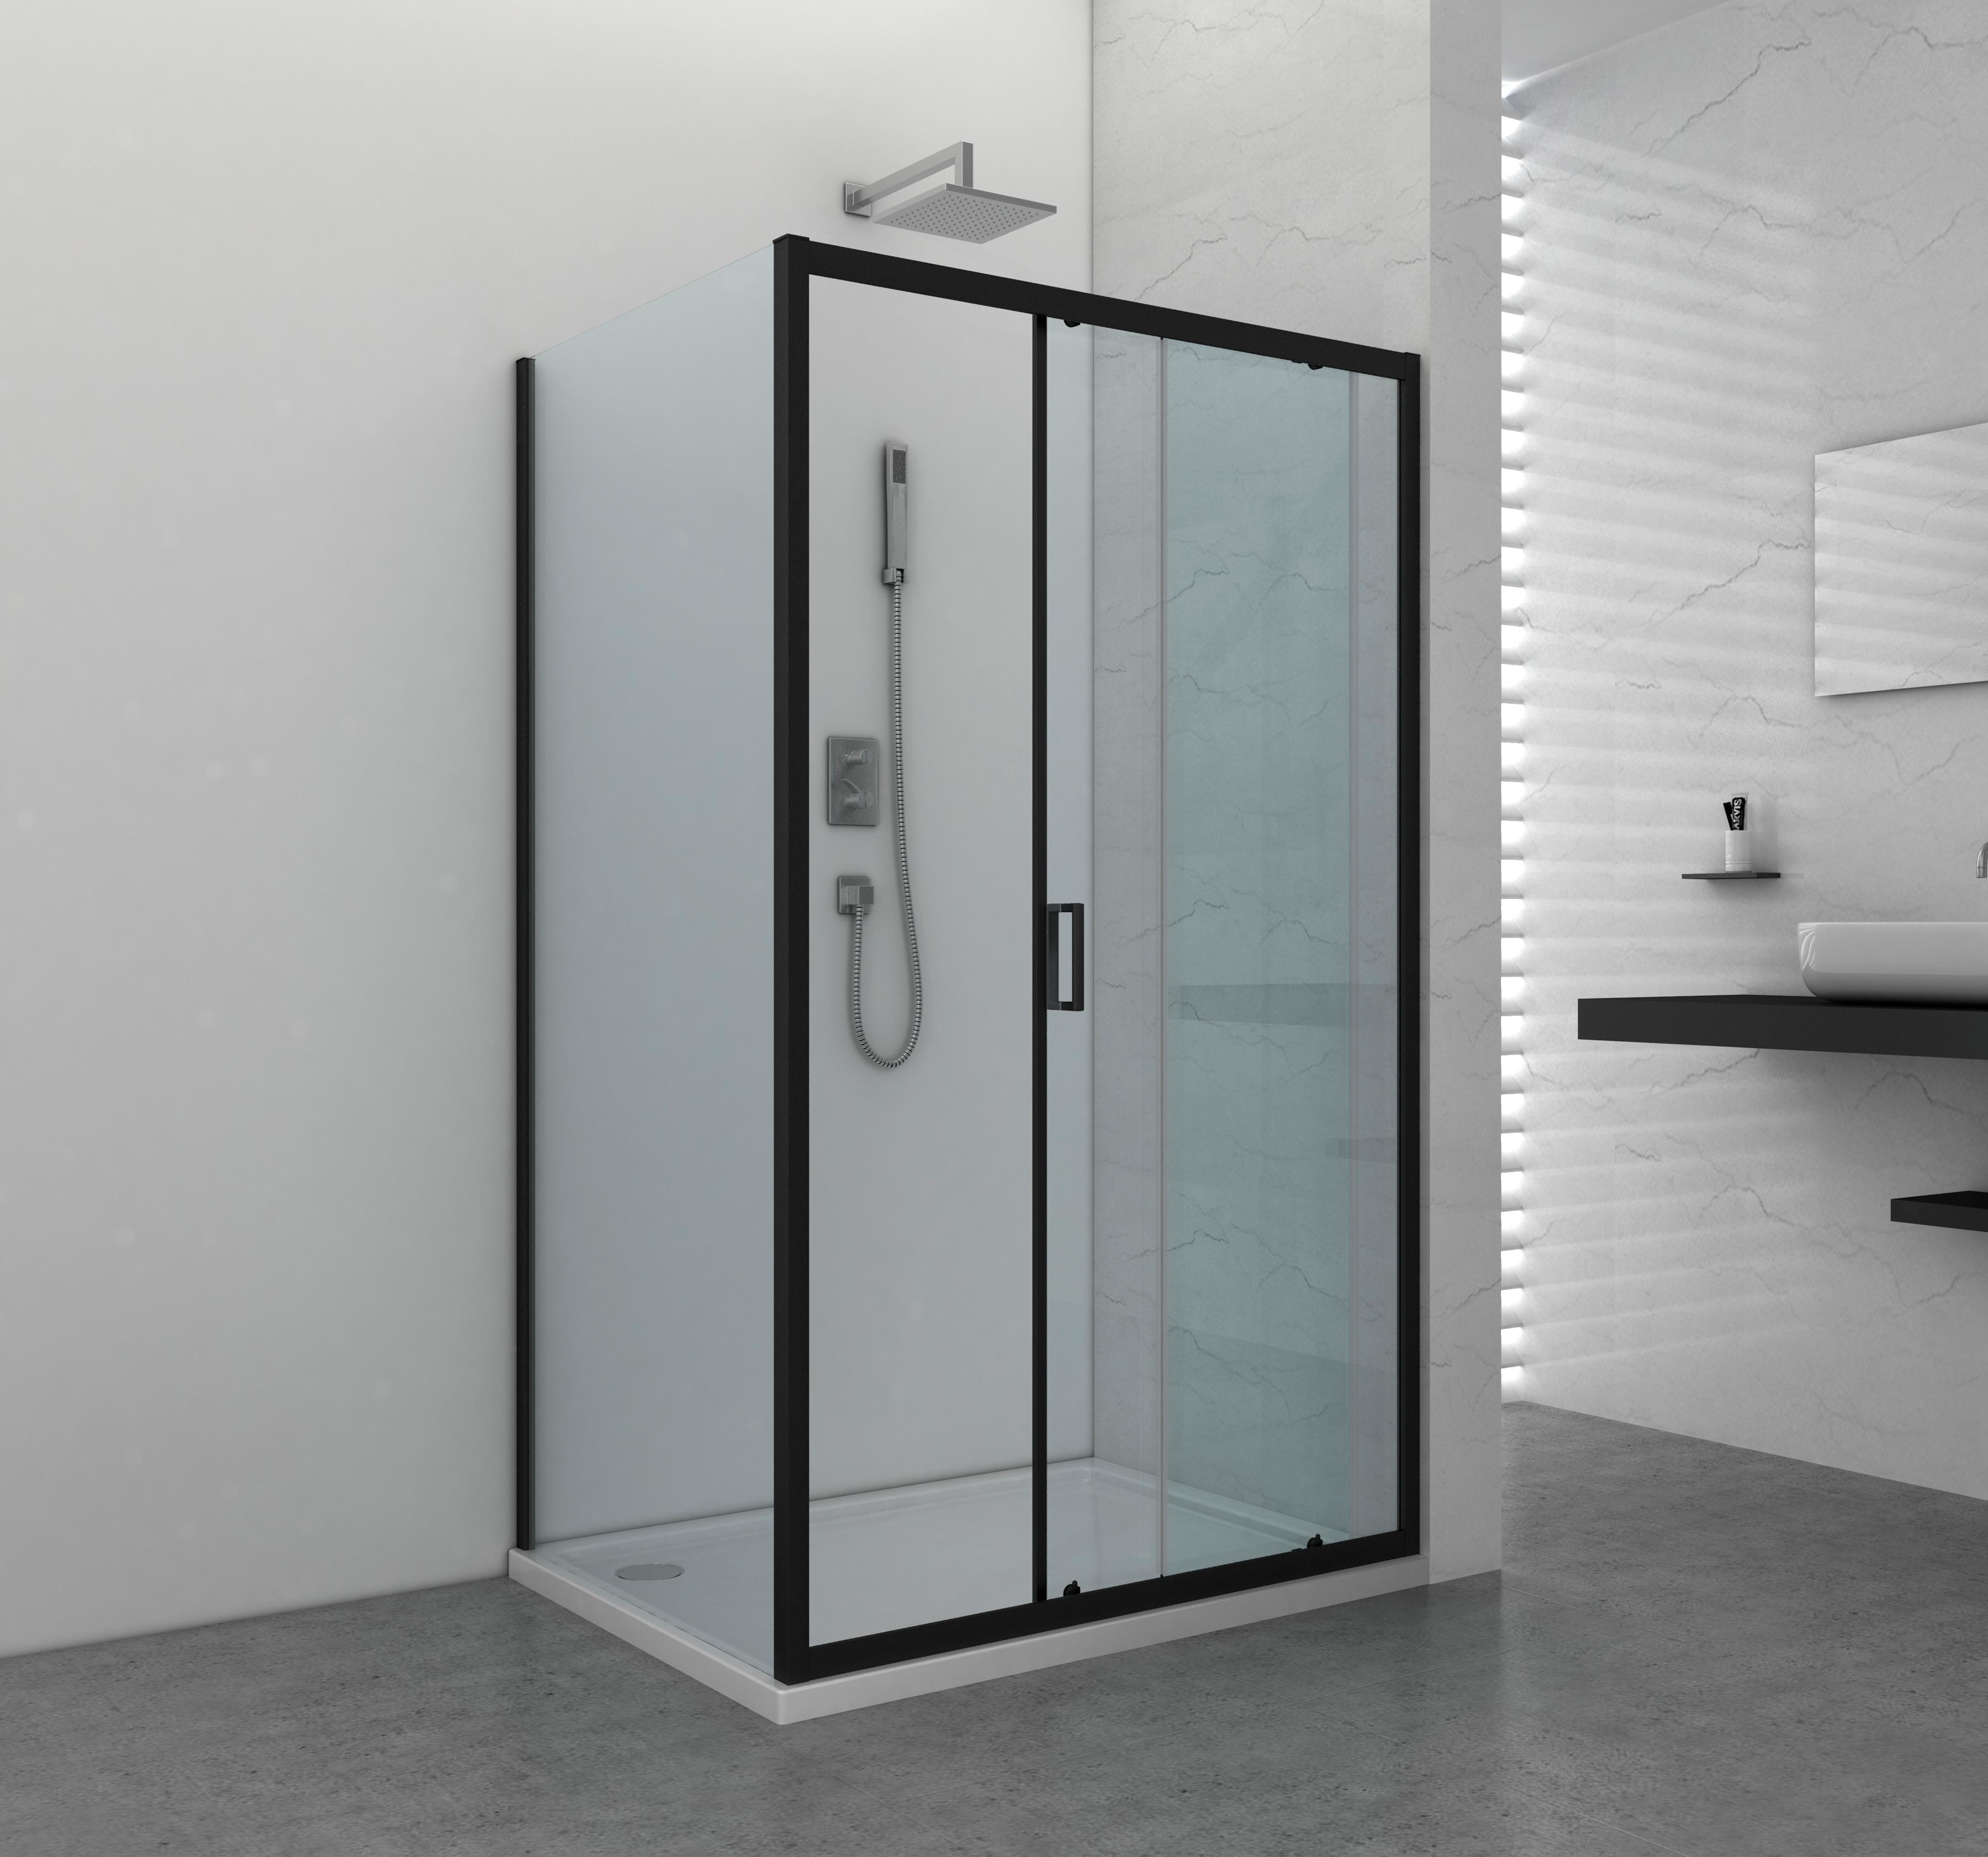 Schiebetür »ELITE«, für Duschen  mit Alu-Profilen in schwarz matt   Bad > Duschen > Duschen   Sanotechnik